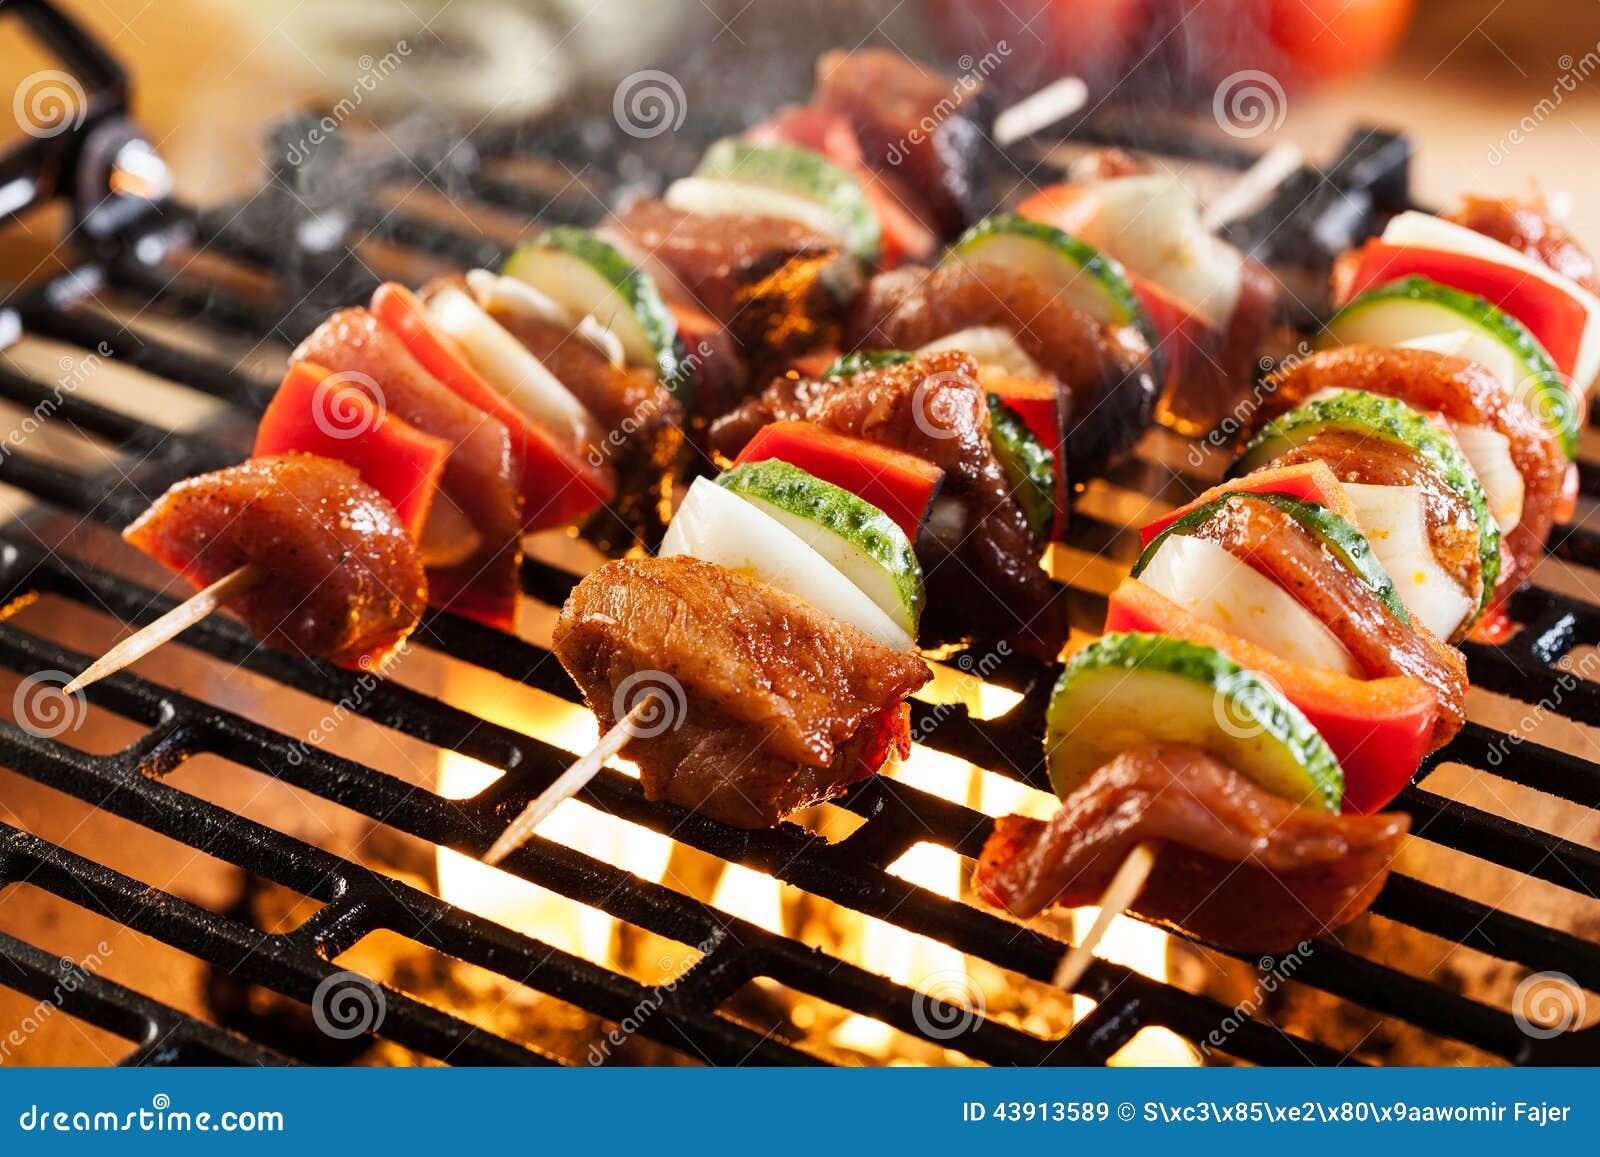 Grigliare shashlik sulla griglia del barbecue